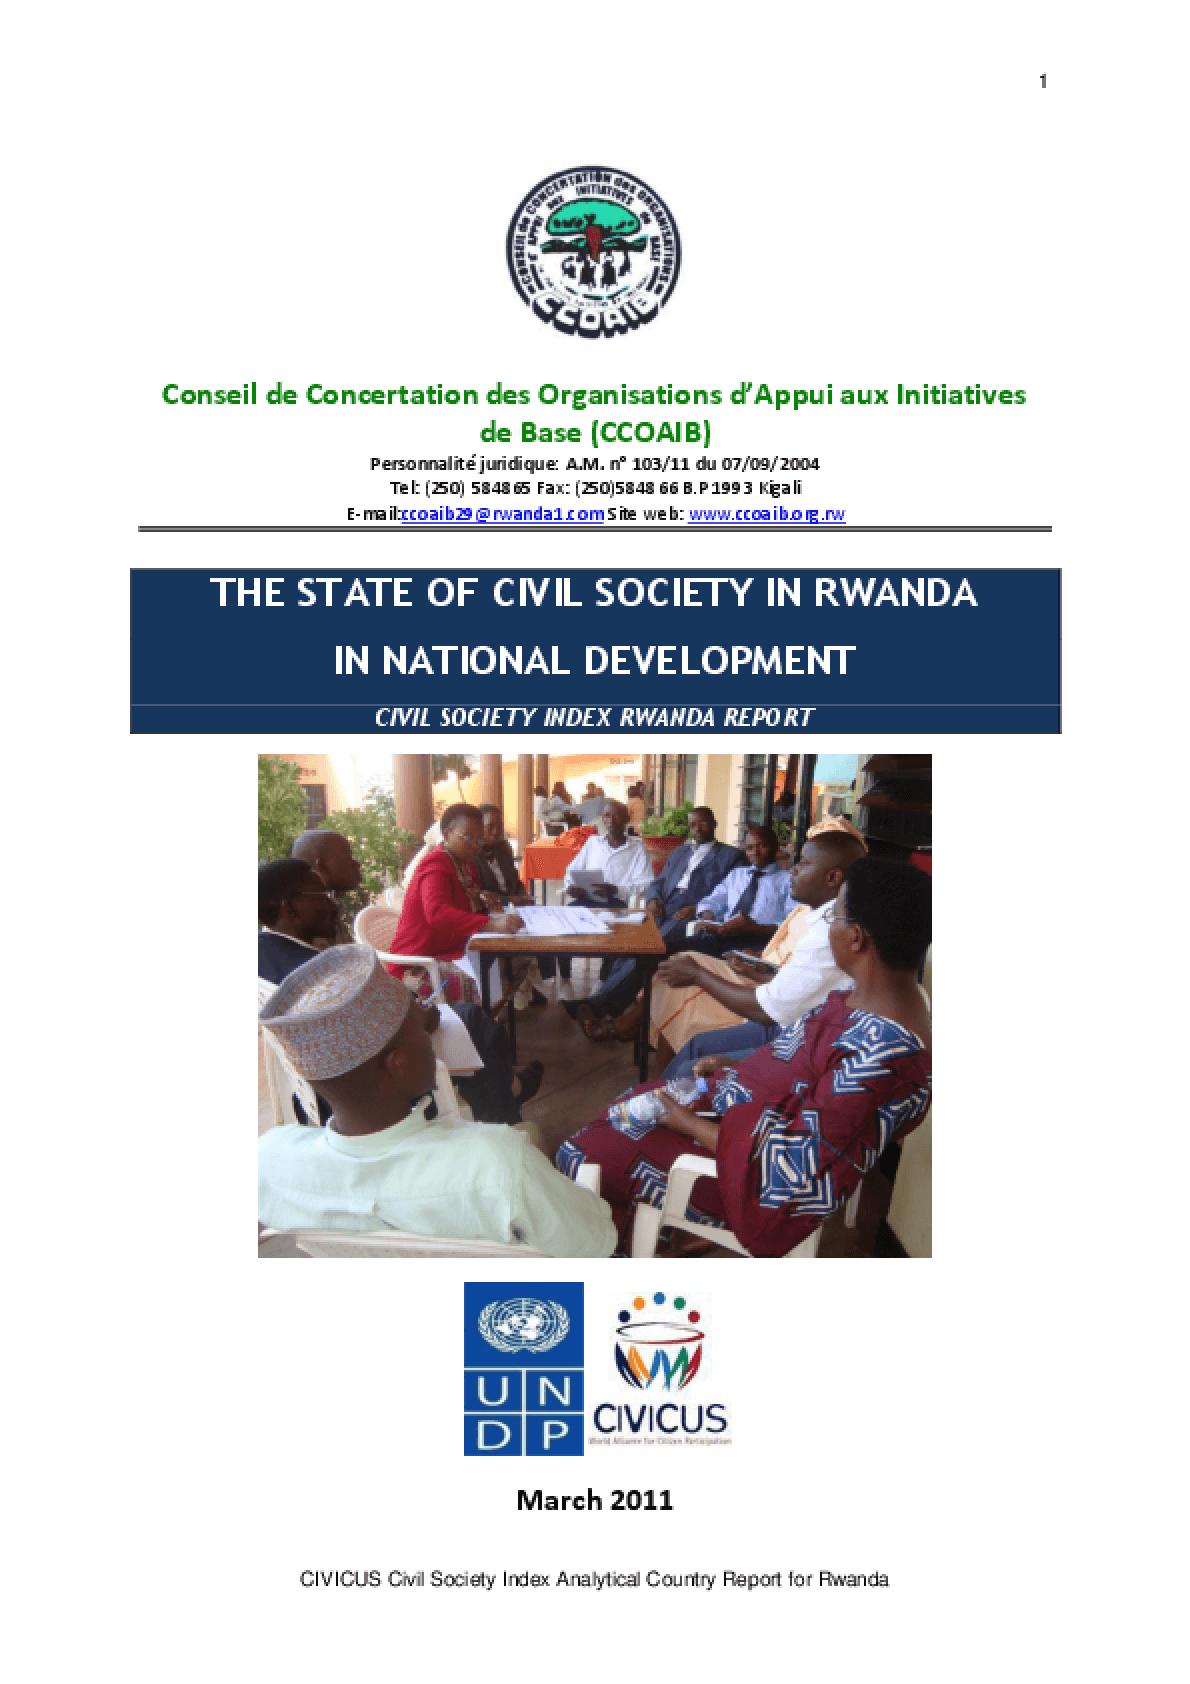 The State of Civil Society in Rwanda in National Development Civil Society Index Rwanda Report: Civil Society Index Rwanda Report